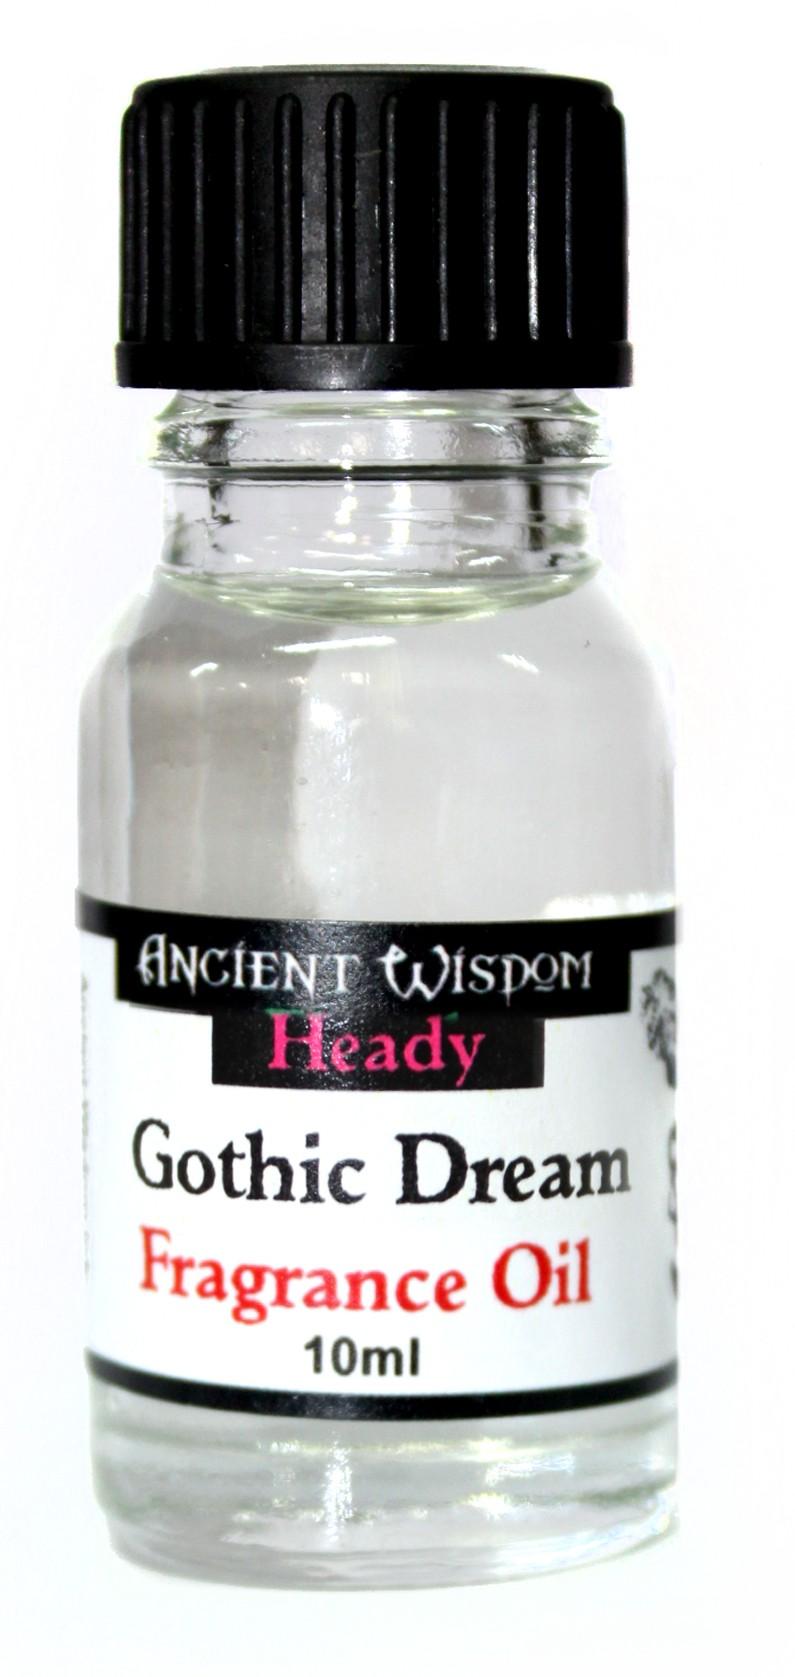 Gothic Dream - 10ml Fragrance Oil